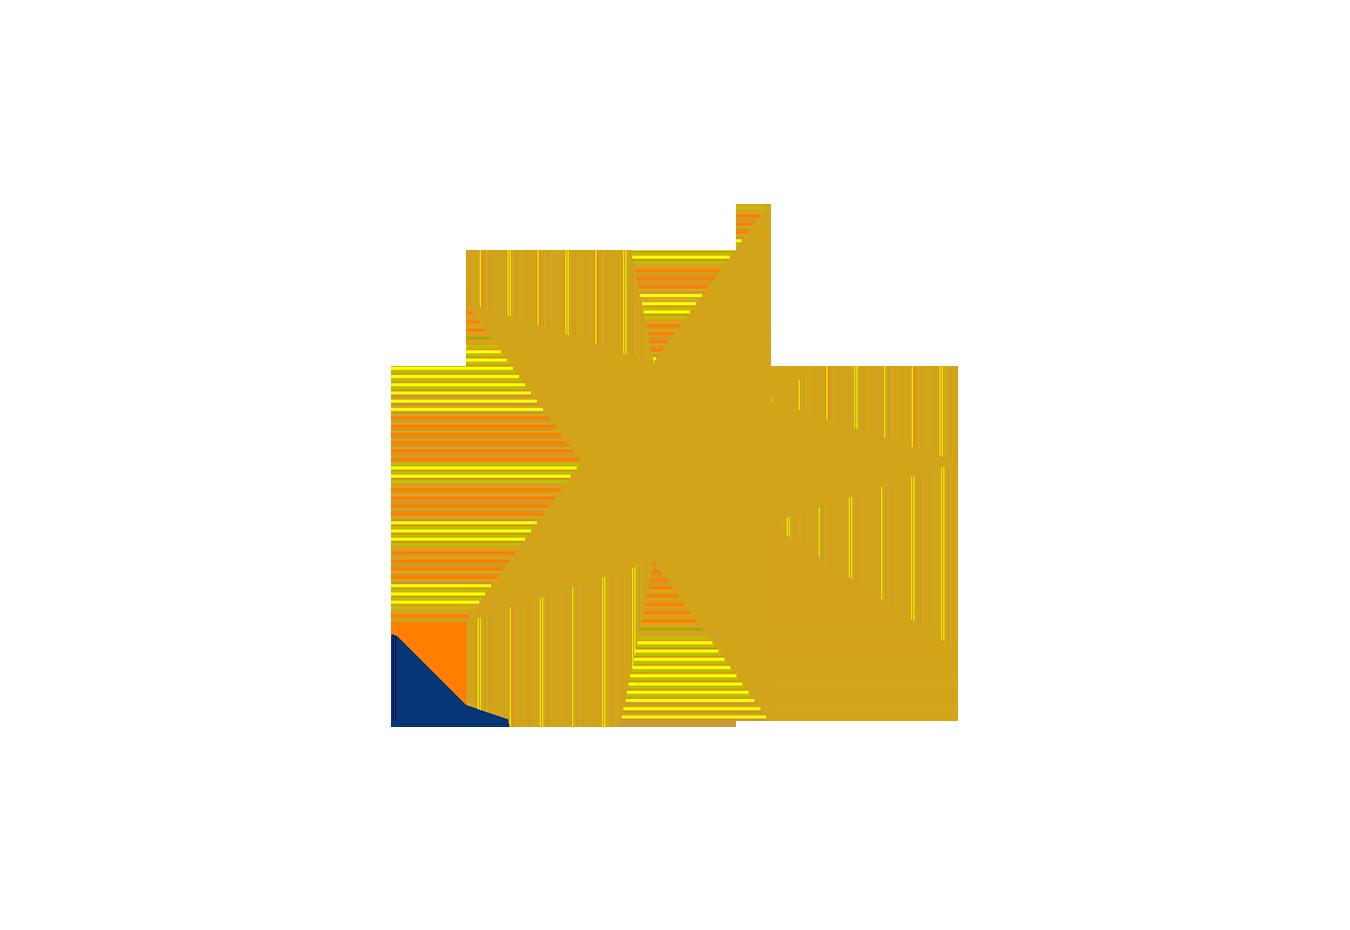 Seadrill logo.